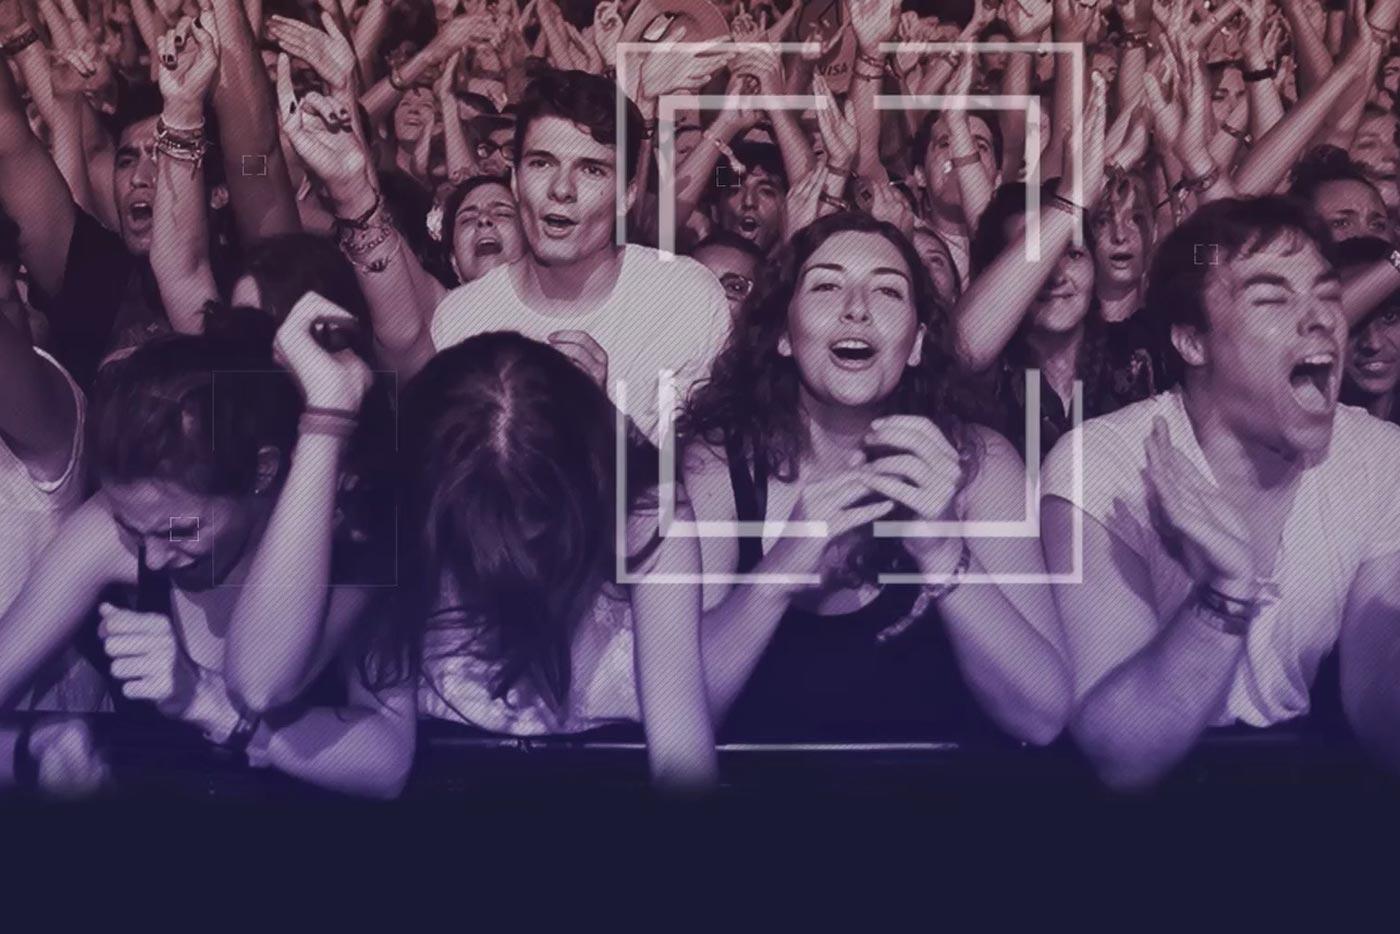 Nace una campaña para prohibir el reconocimiento facial en conciertos y festivales